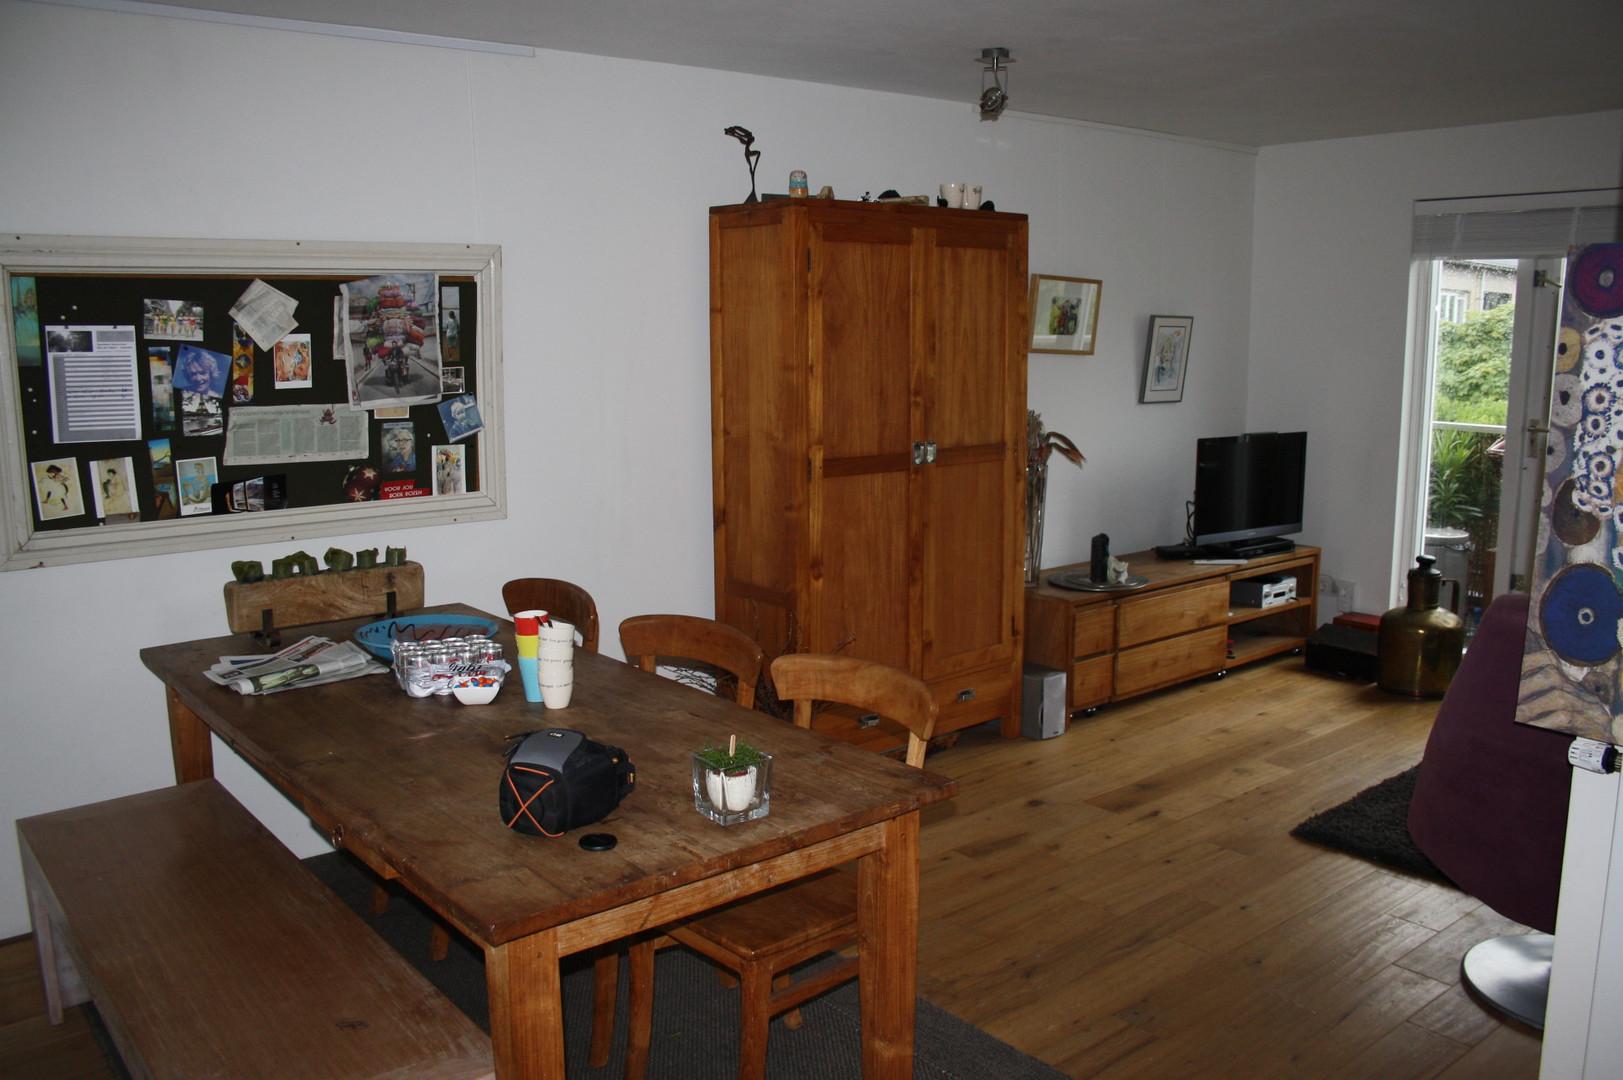 HouseofKIKI_Eetkamer_appartement_voor.jp